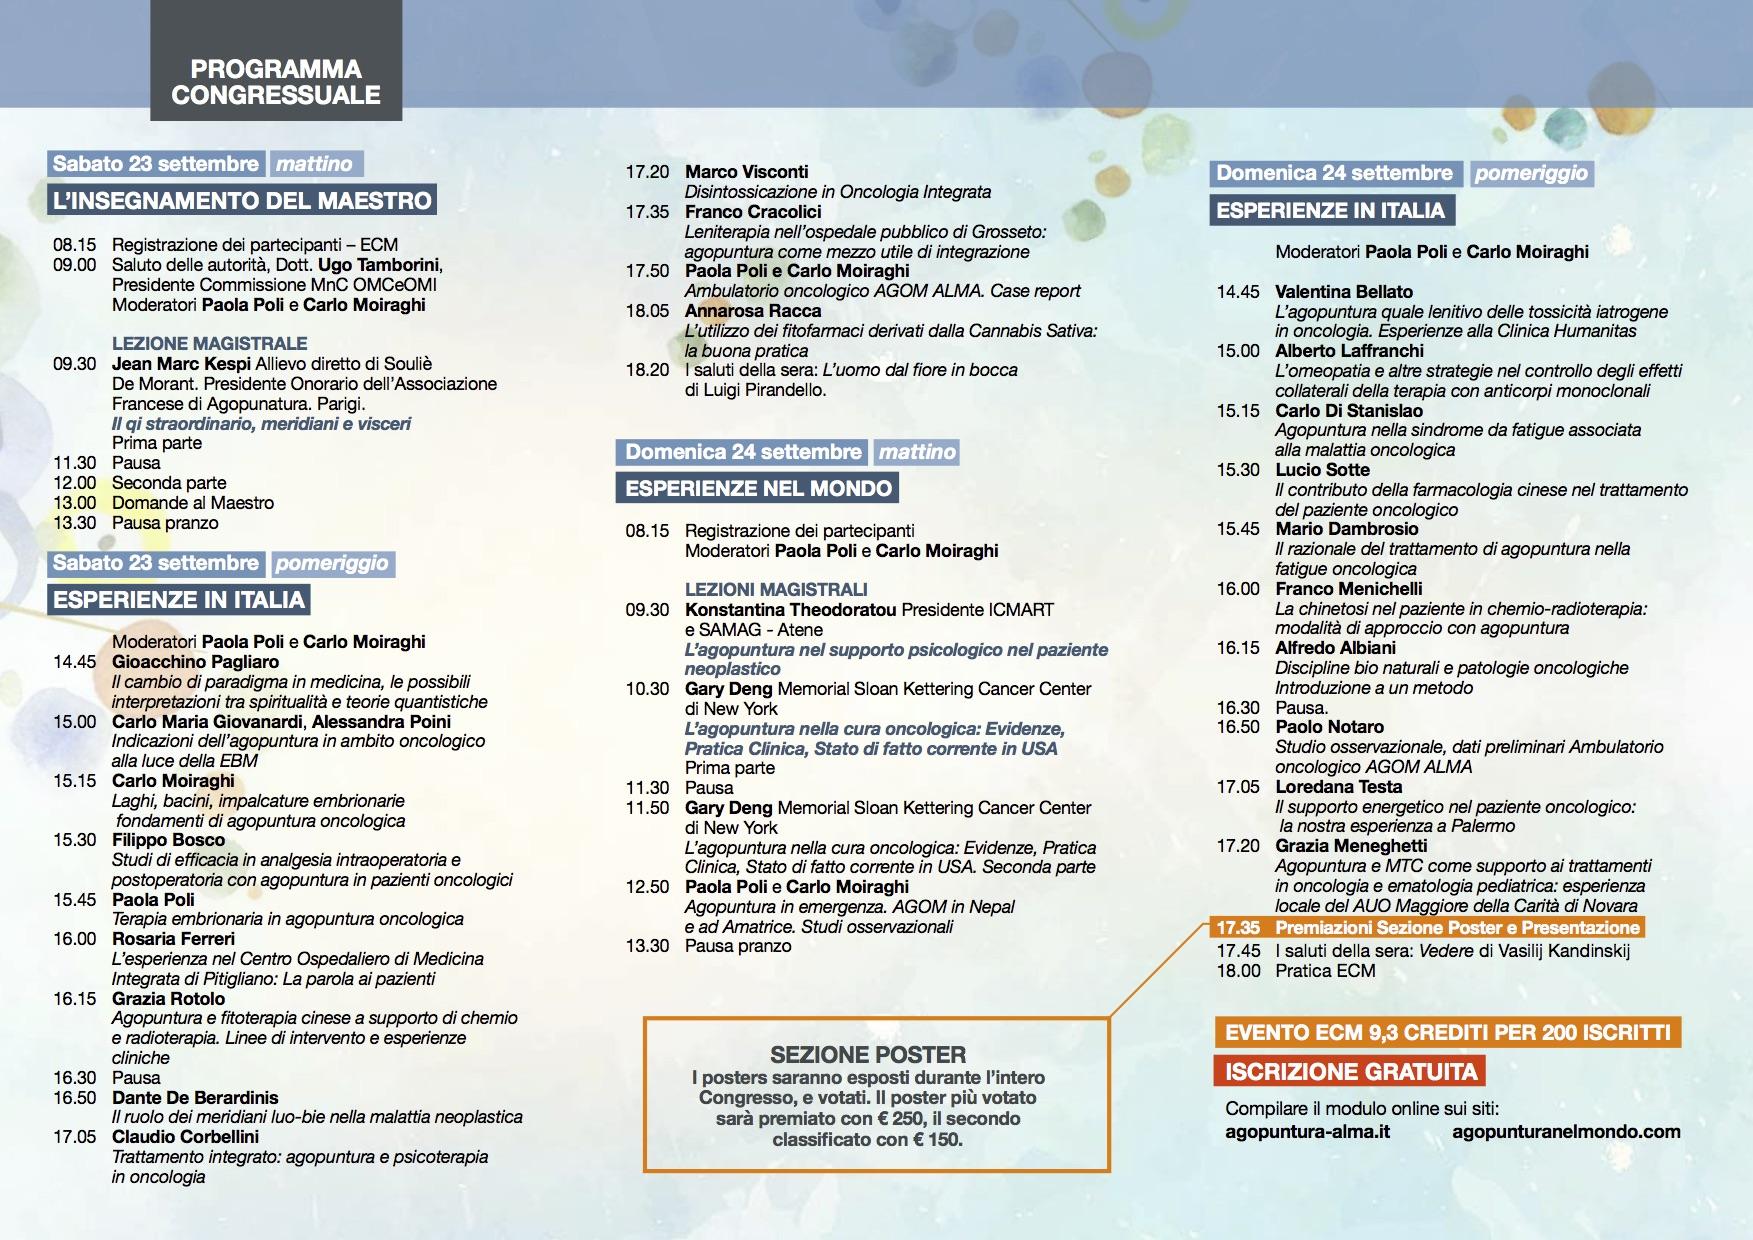 29-03-brochure-pg2-congresso-2017-2017